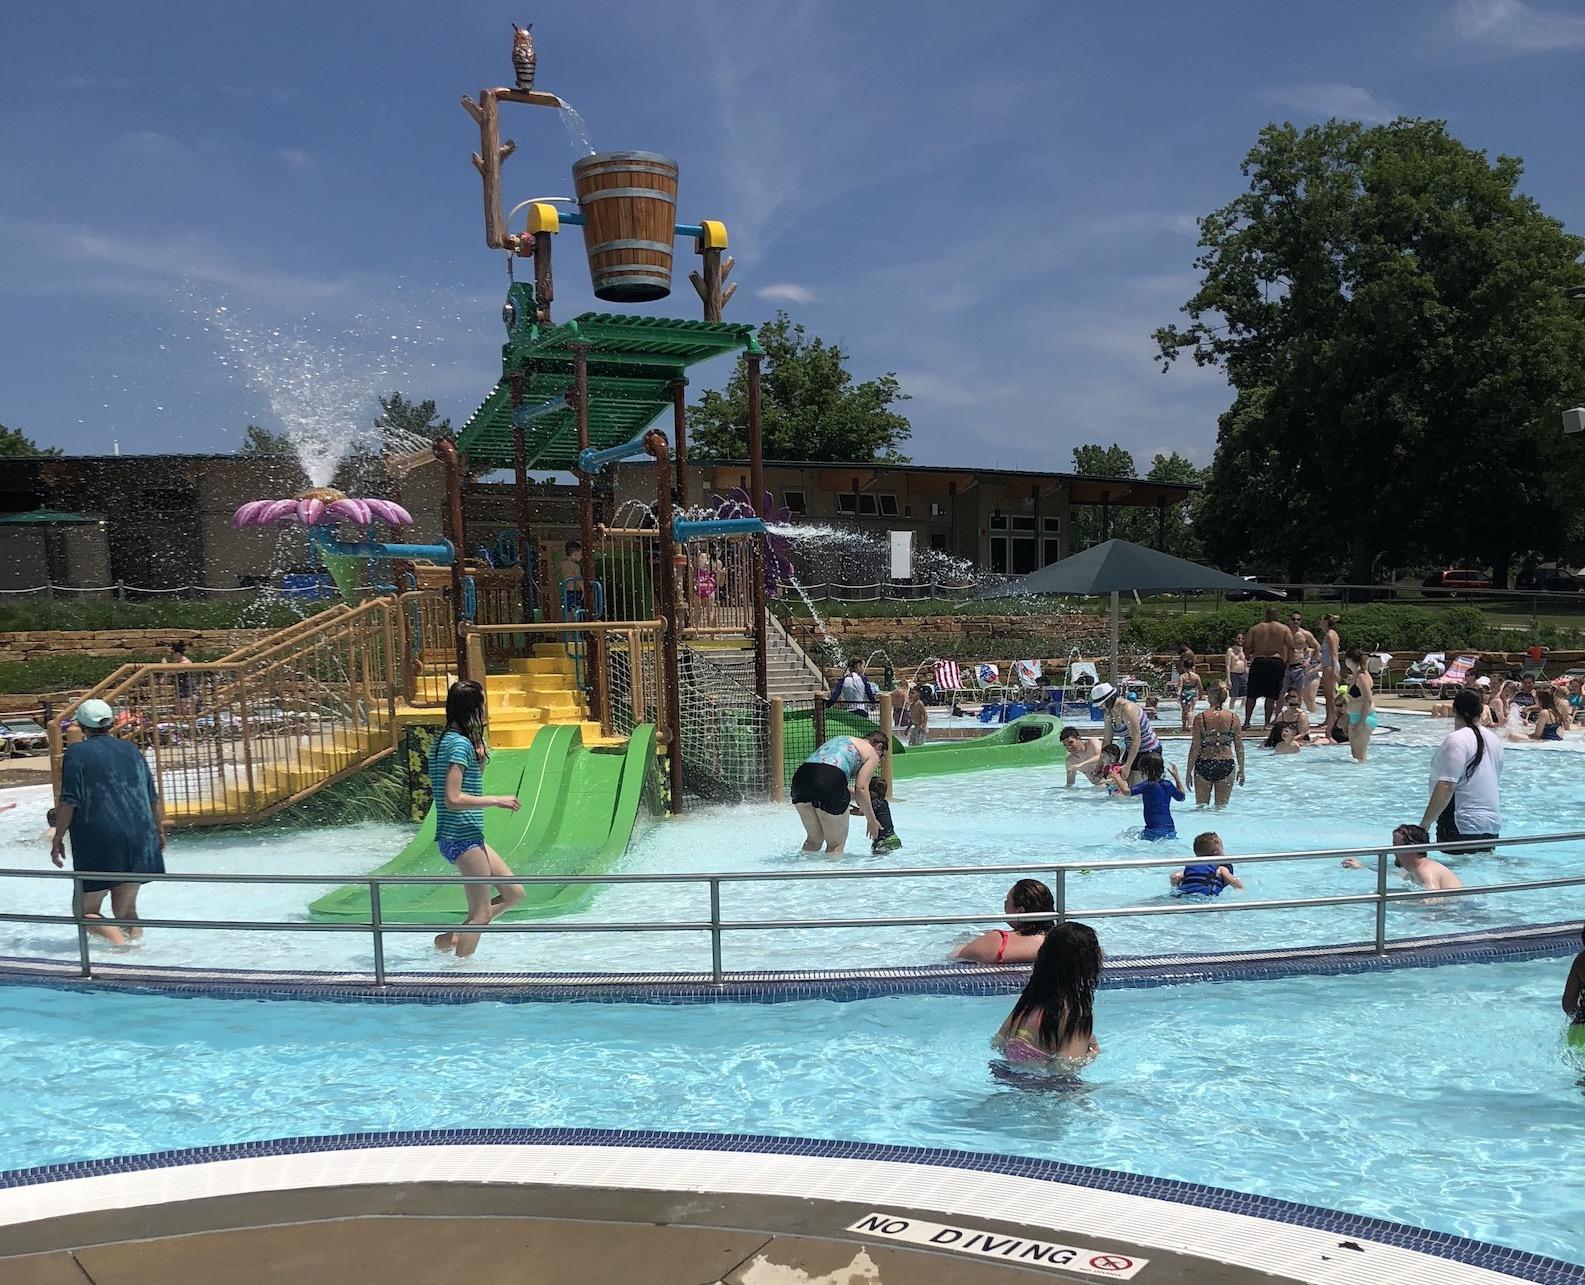 Main activity pool at Crystal Lake Park Family Aquatic Center